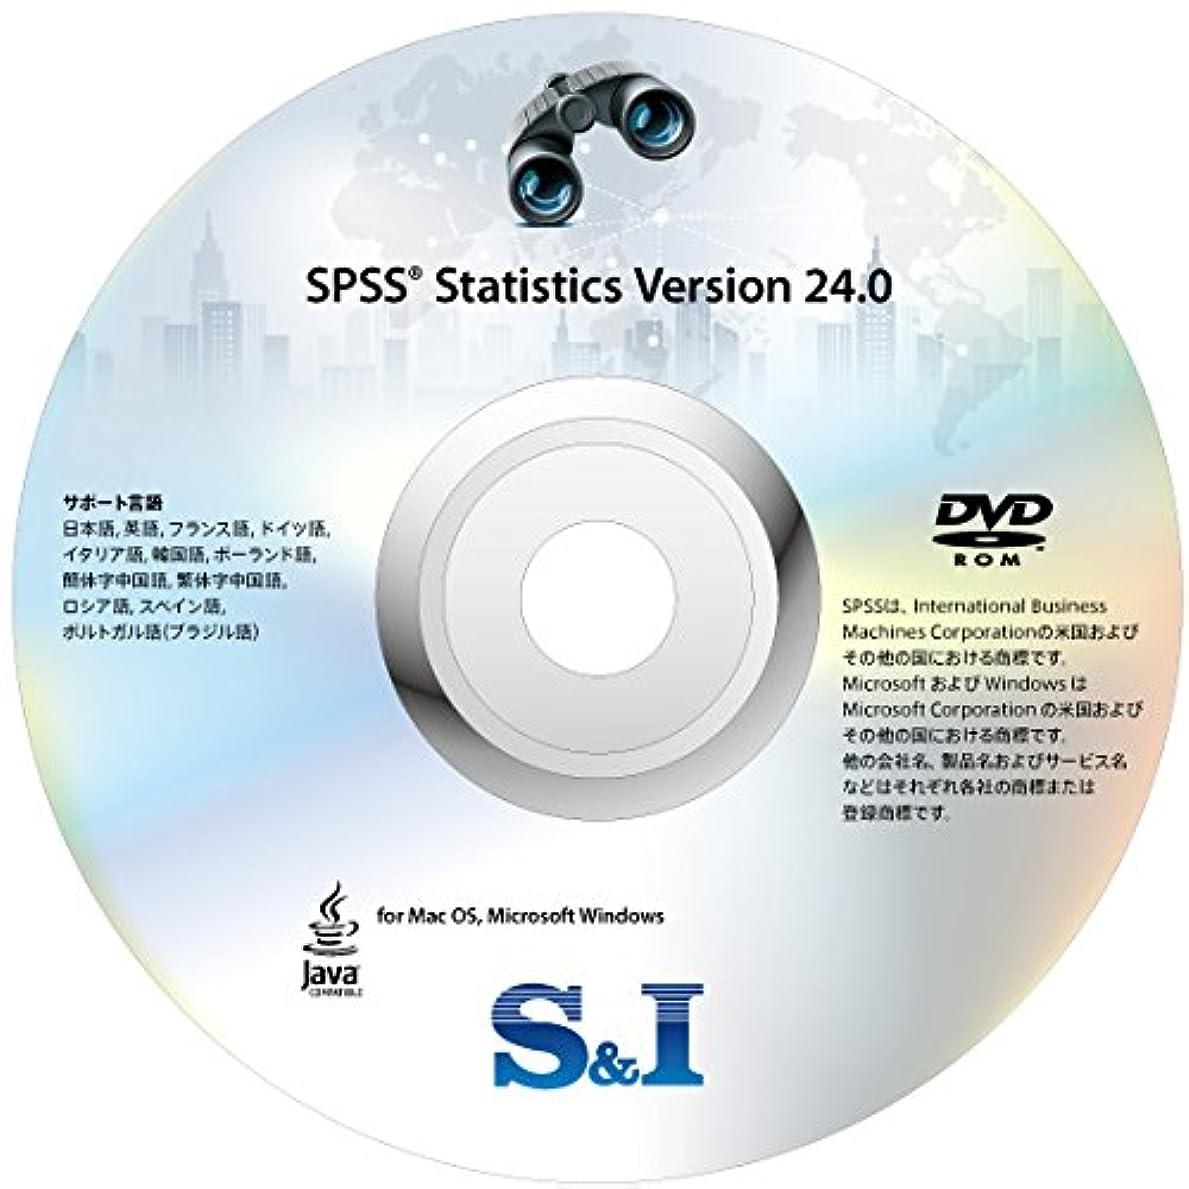 ネックレットローマ人に対処するSPSS Advanced Statistics ver24(ライセンス+保守)【一般向け】